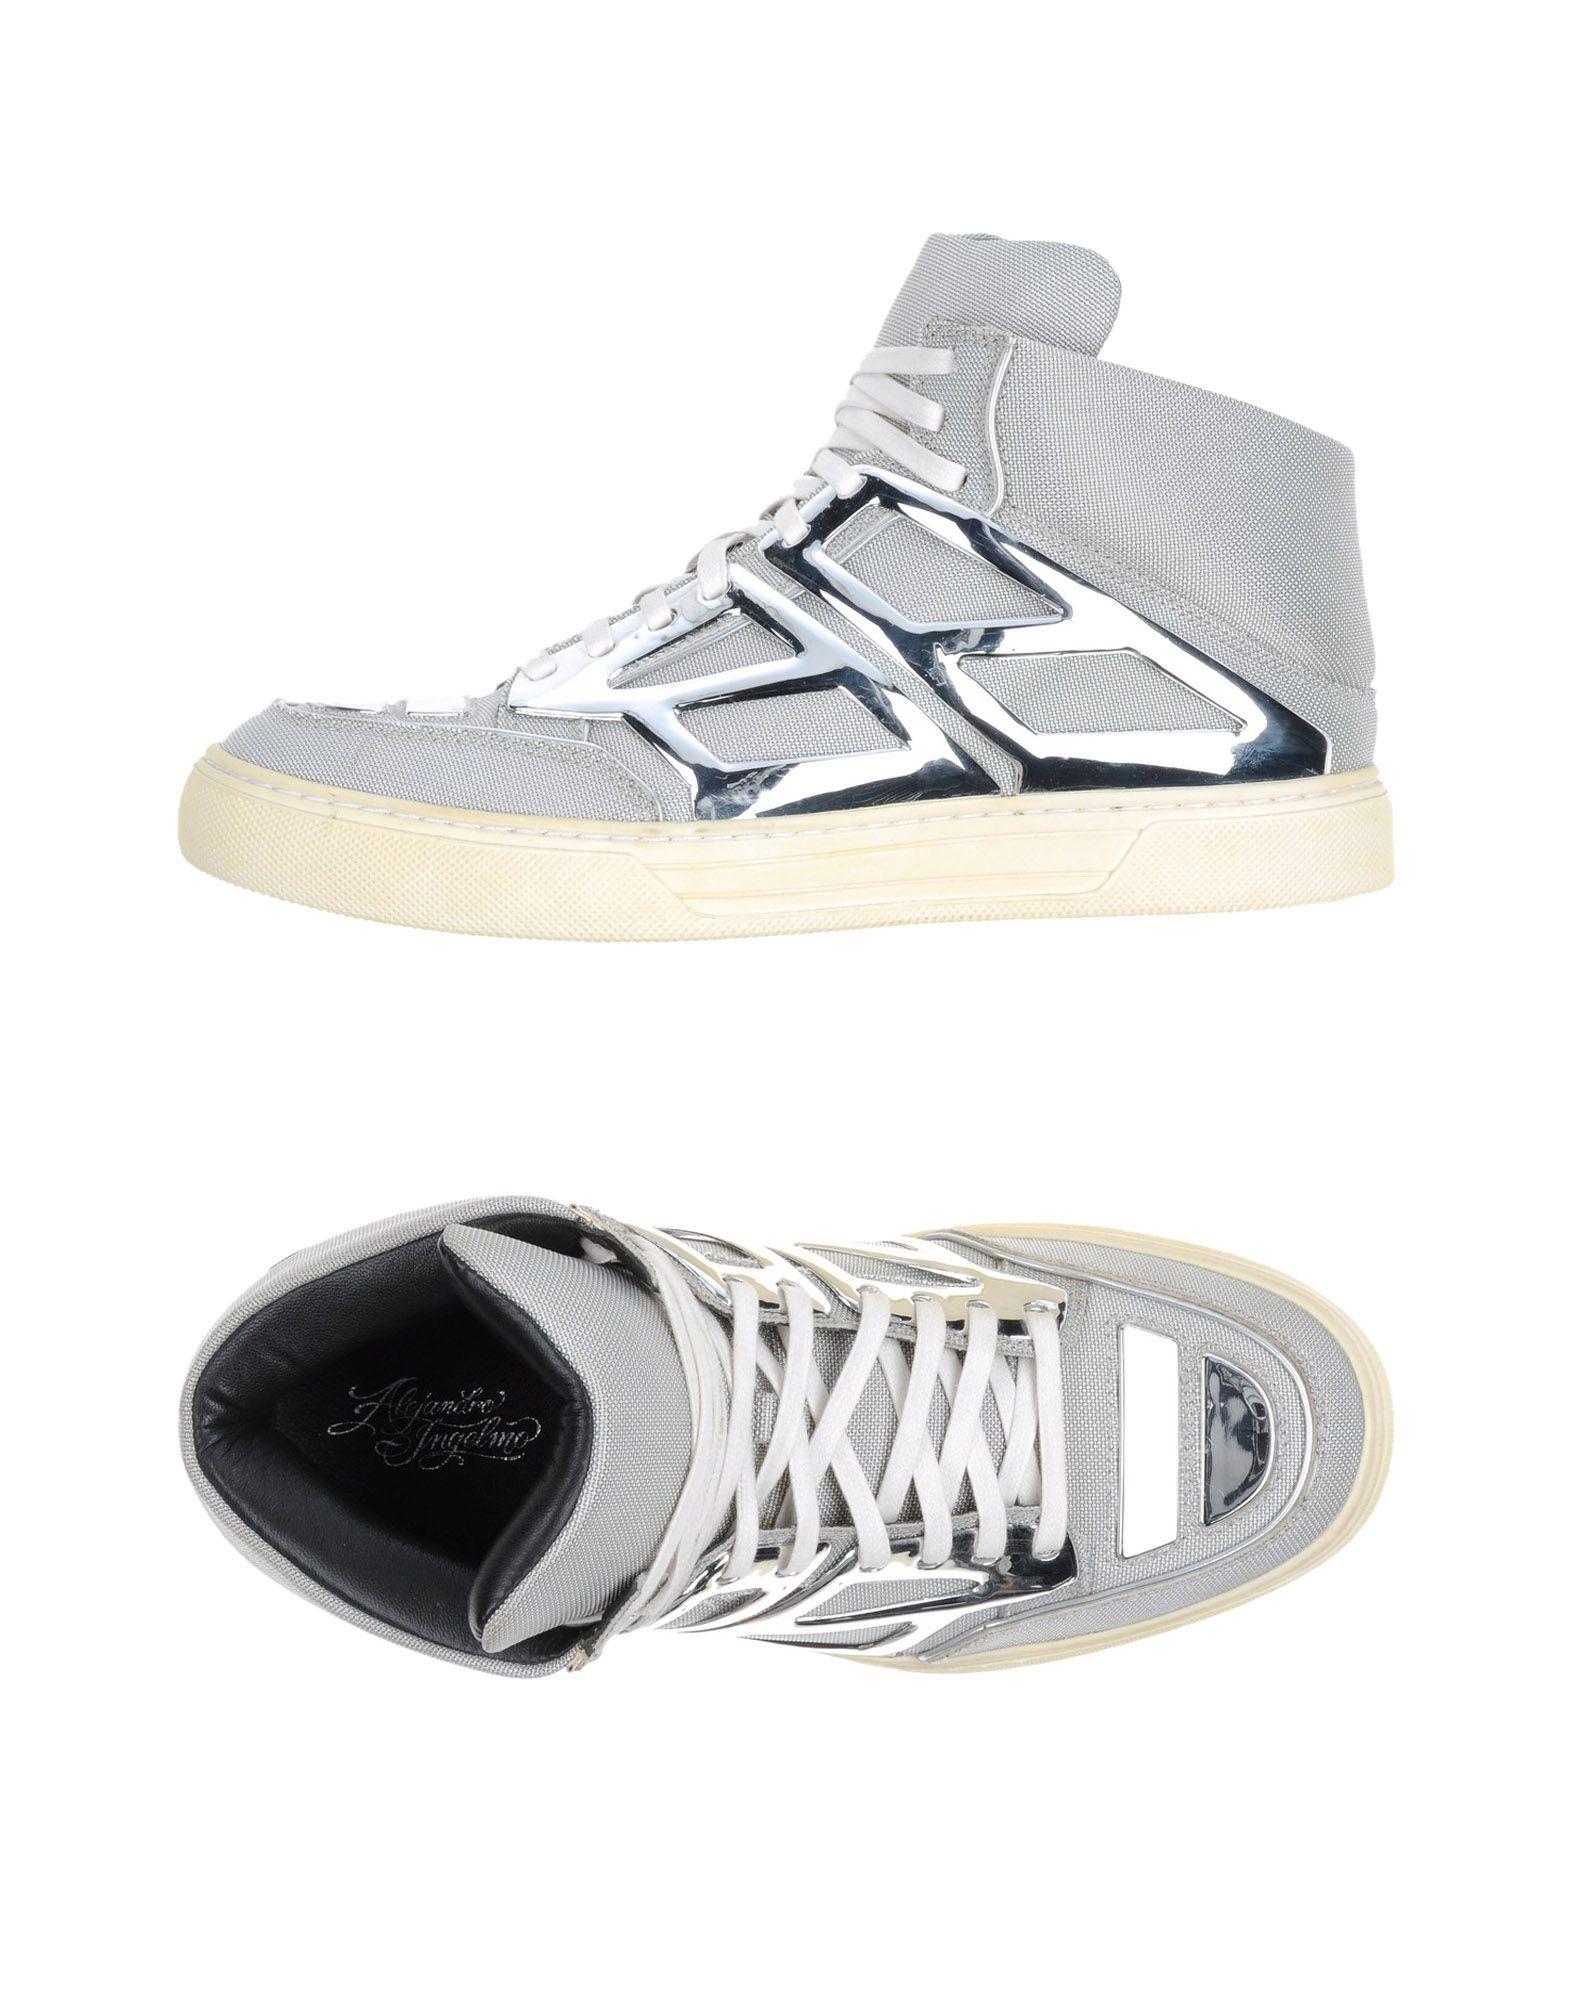 Alejandro Ingelmo Sneakers Herren  11080751DB Gute Qualität beliebte Schuhe